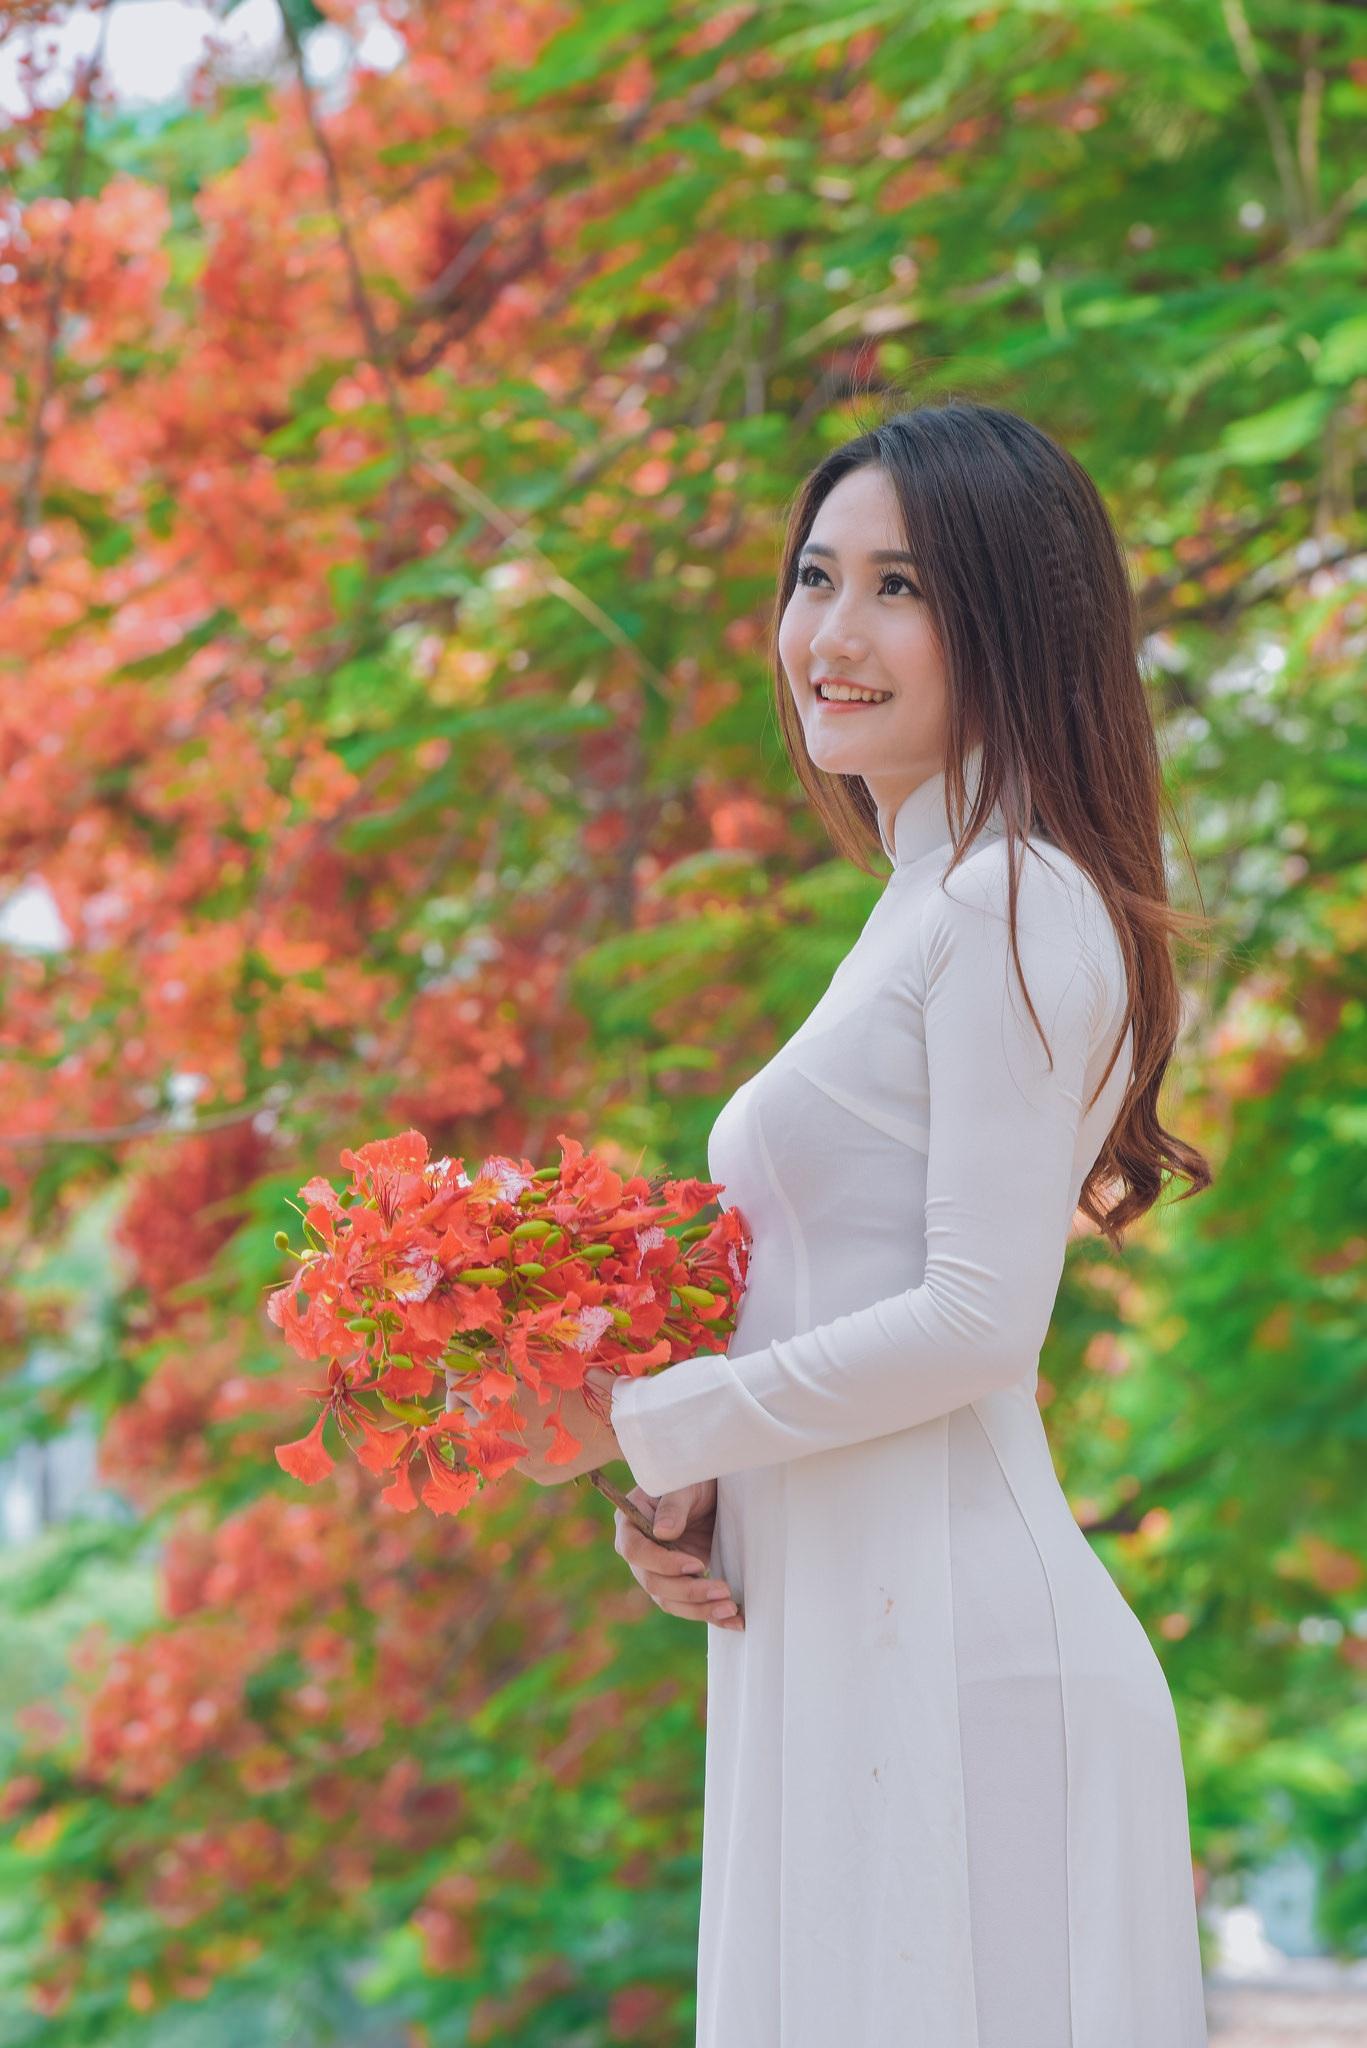 """Thiếu nữ Hà thành mơ màng bên hoa phượng """"rực cháy"""" - 7"""